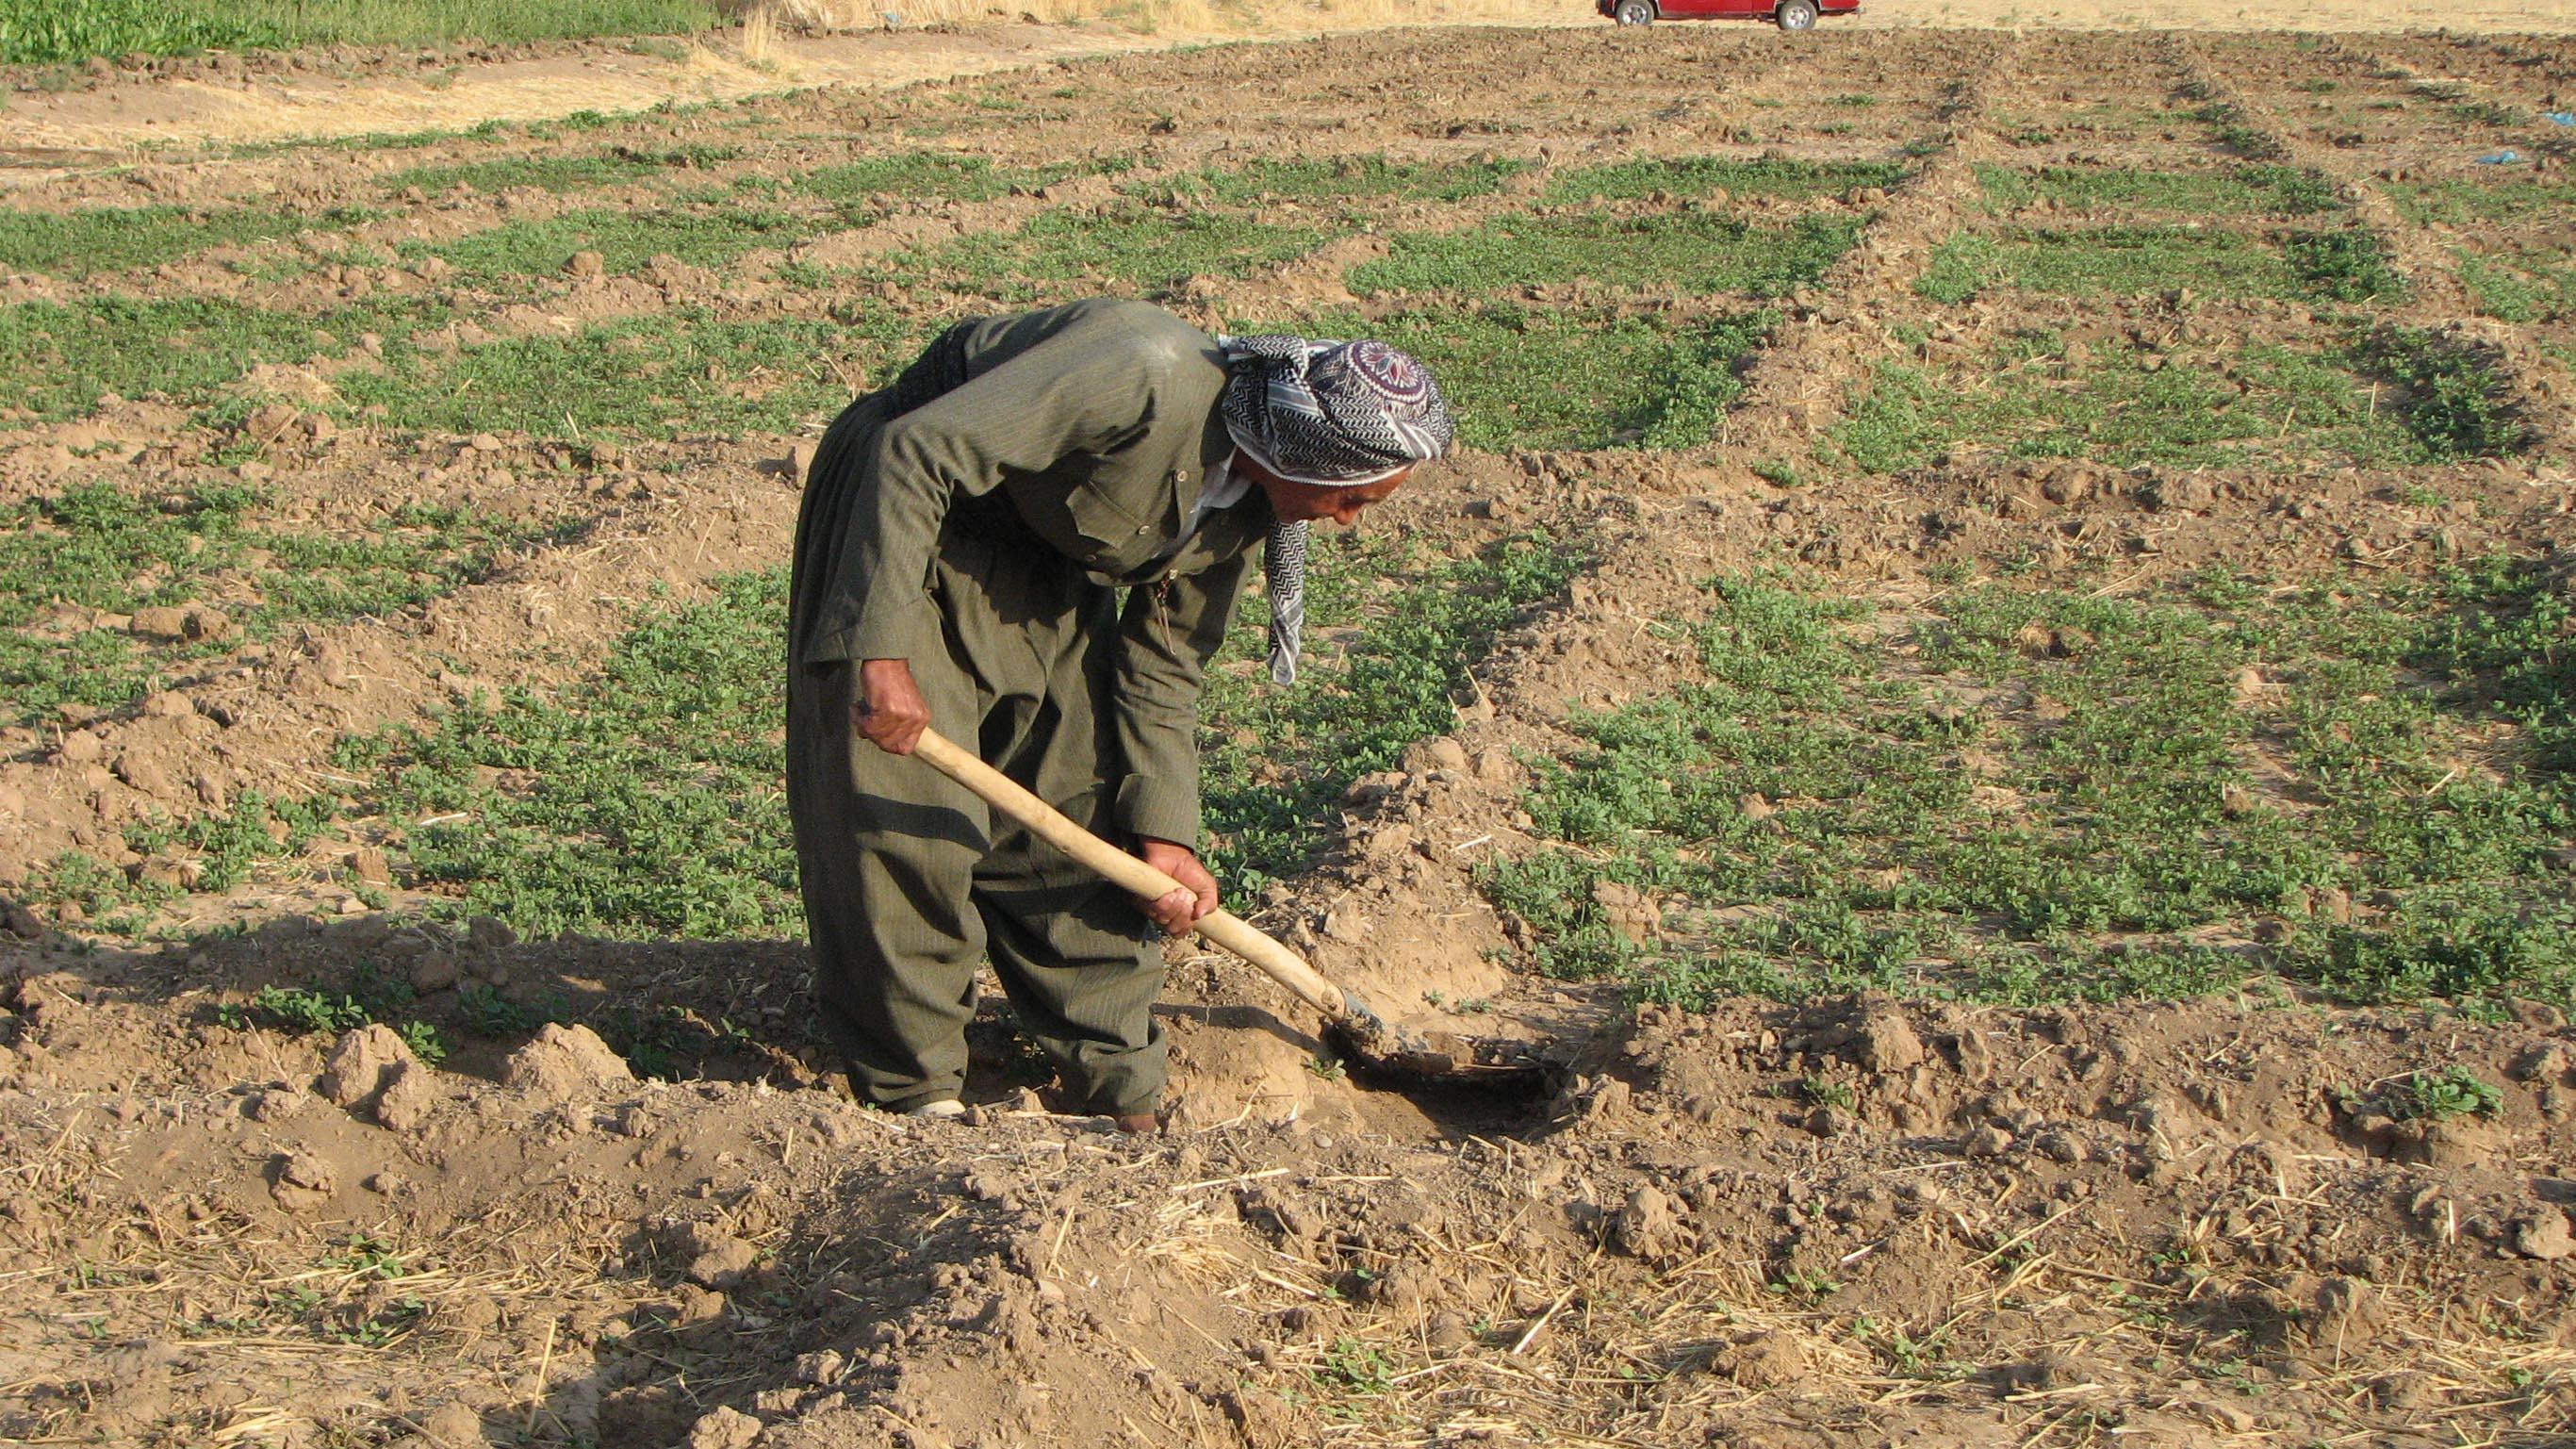 File:Kurdish farmer in Iraq.jpg - Wikimedia Commons